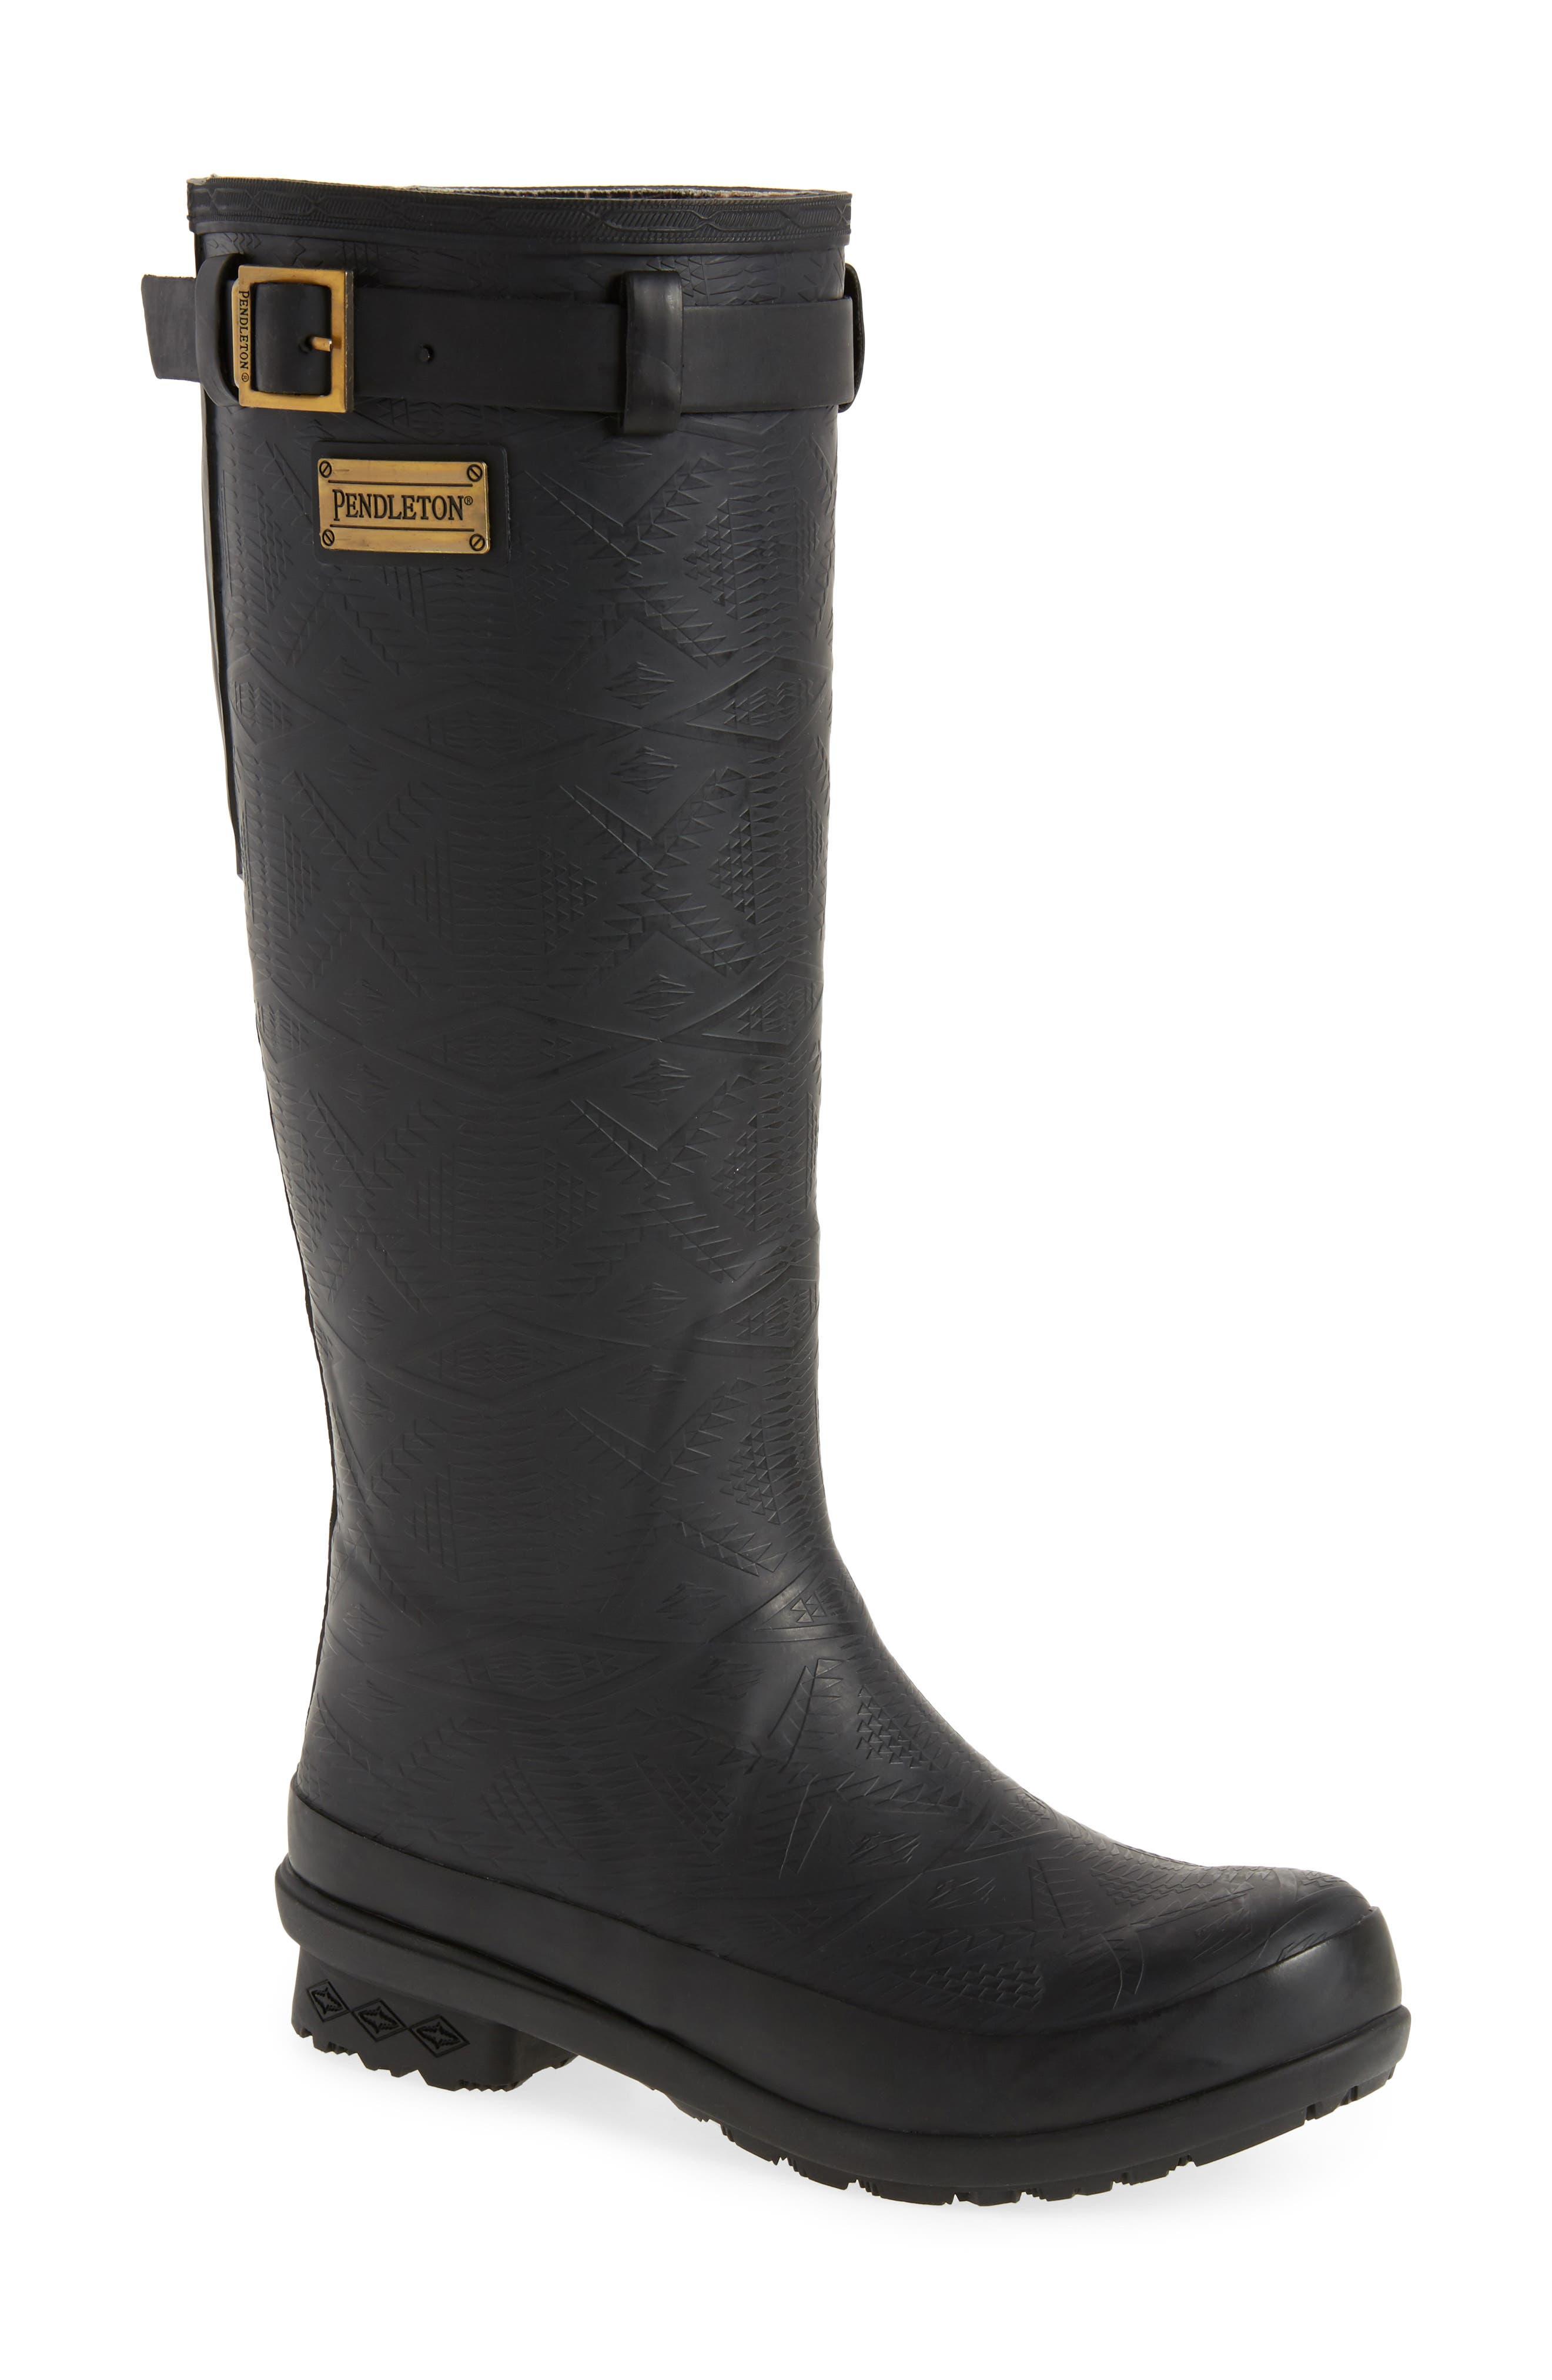 PENDLETON, Embossed Tall Waterproof Rain Boot, Main thumbnail 1, color, BLACK